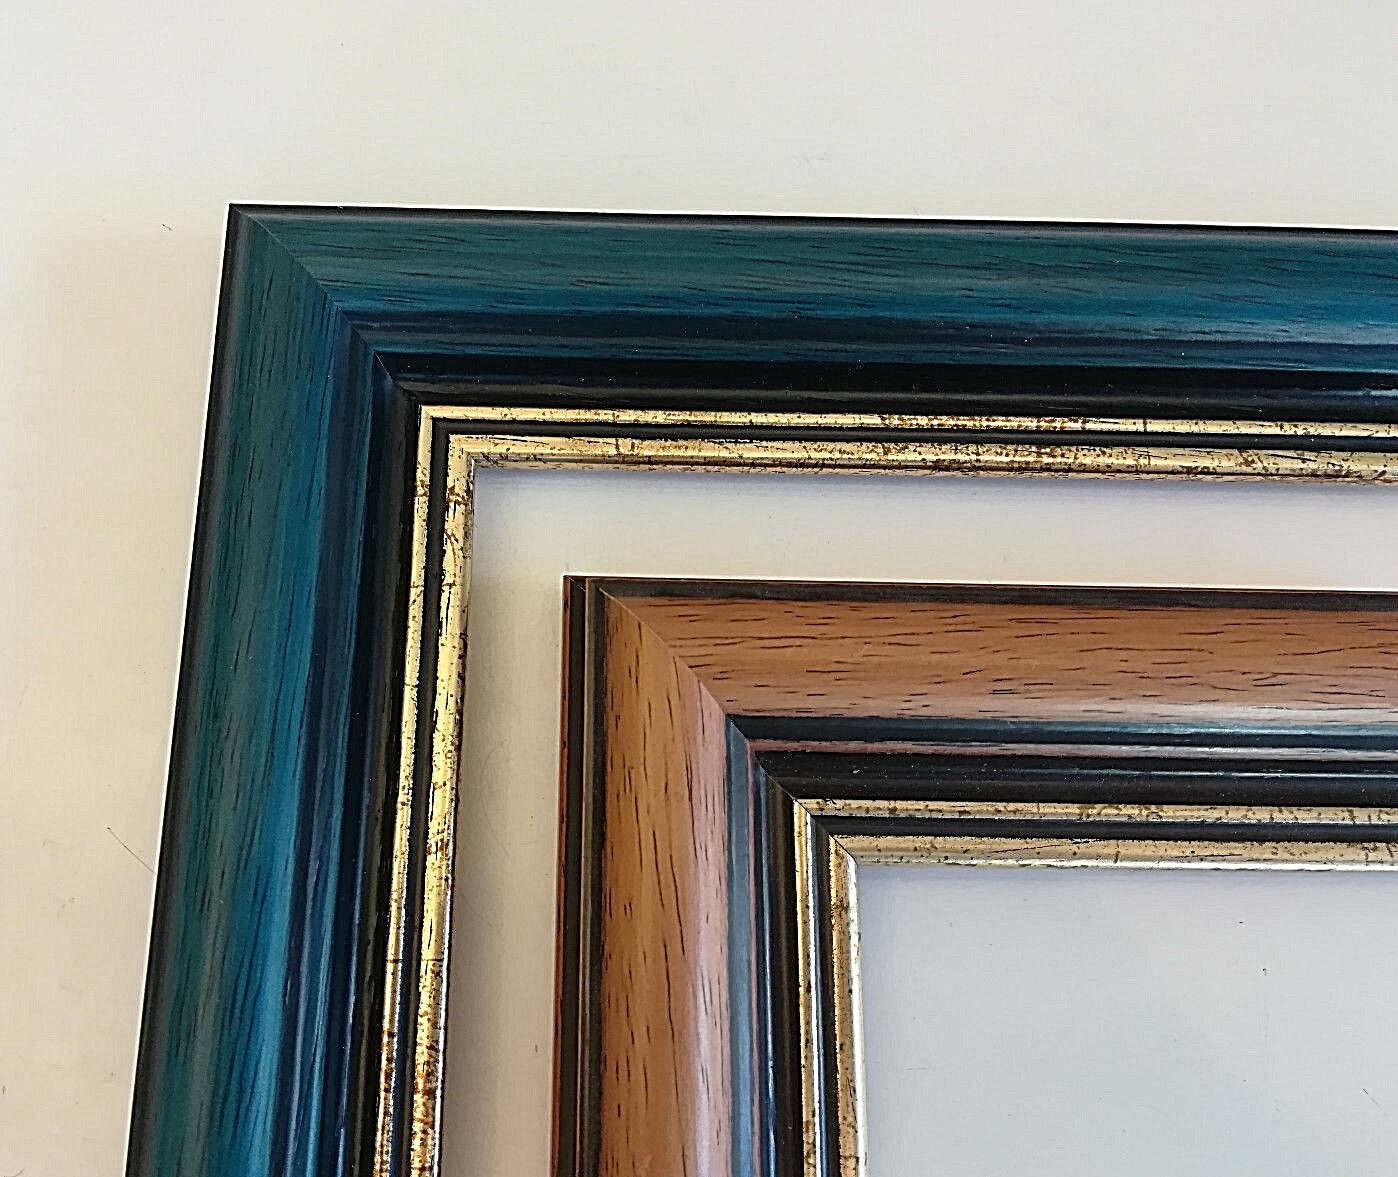 Bilderrahmen für Ölgemälde,Leinwand,40x50 bis 60x80 cm,auch nach Maß